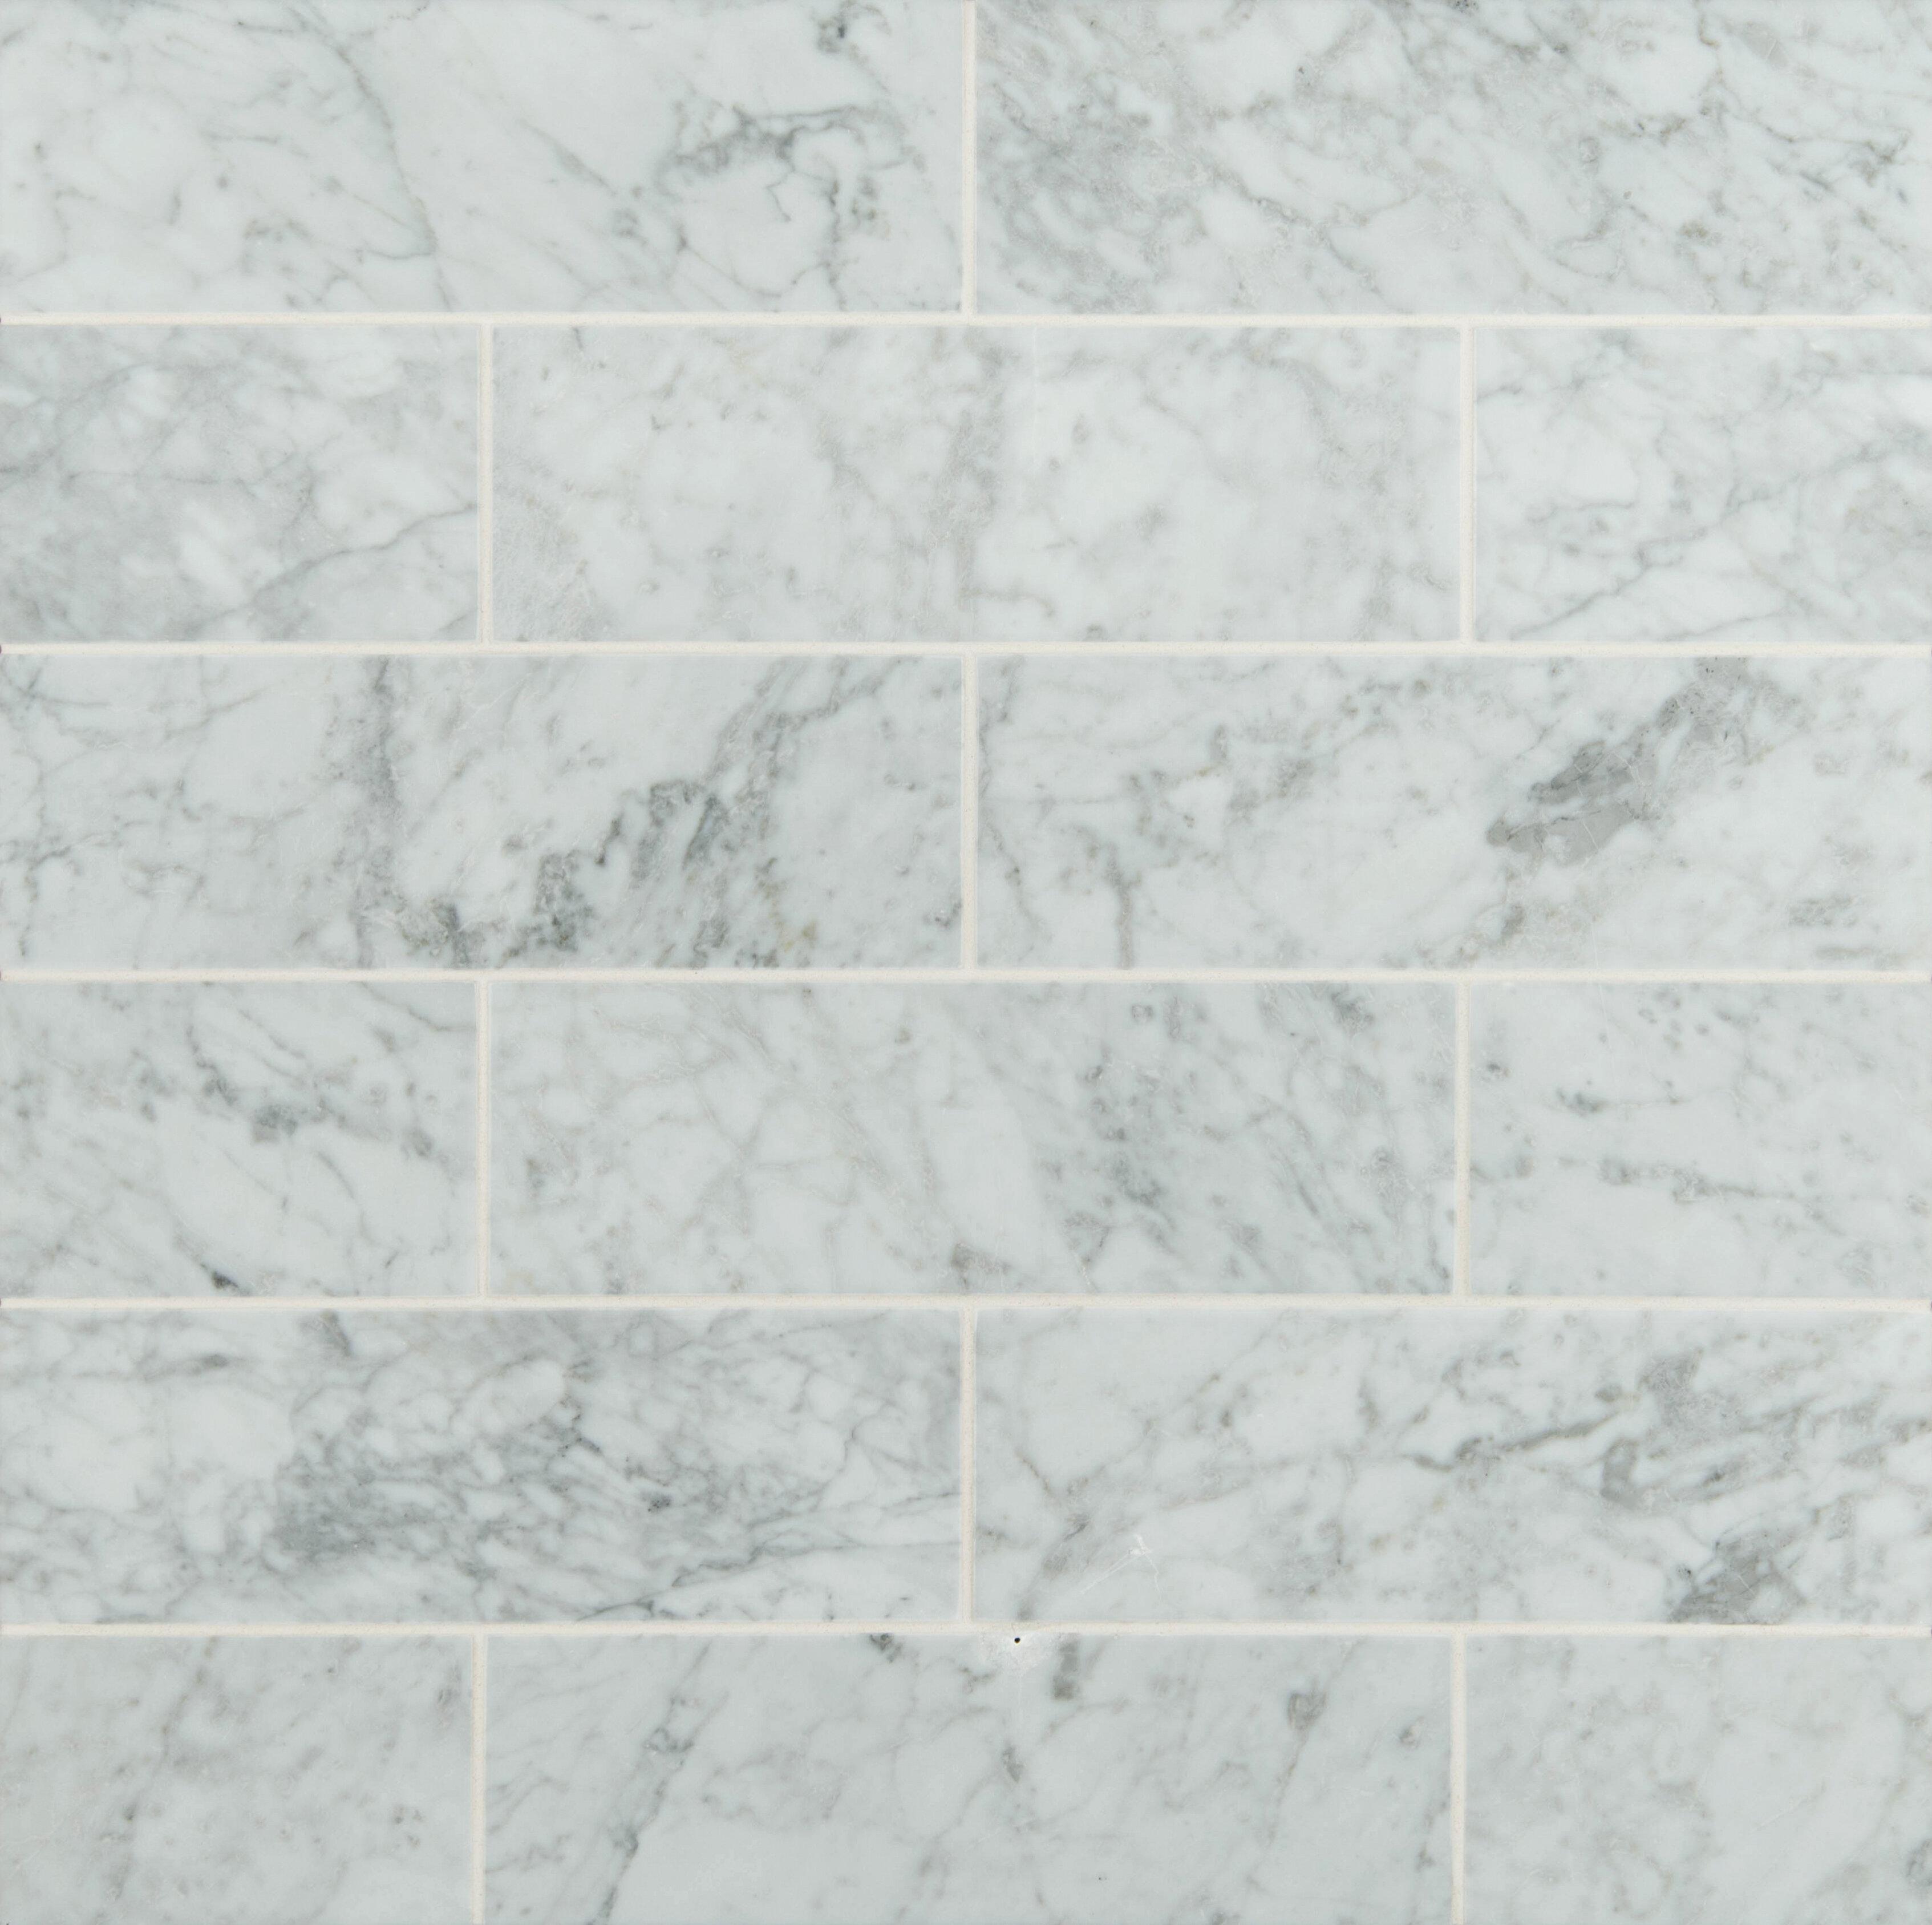 Msi 4 X 12 Honed Marble Tile In Arabeo Carrara Reviews Wayfair